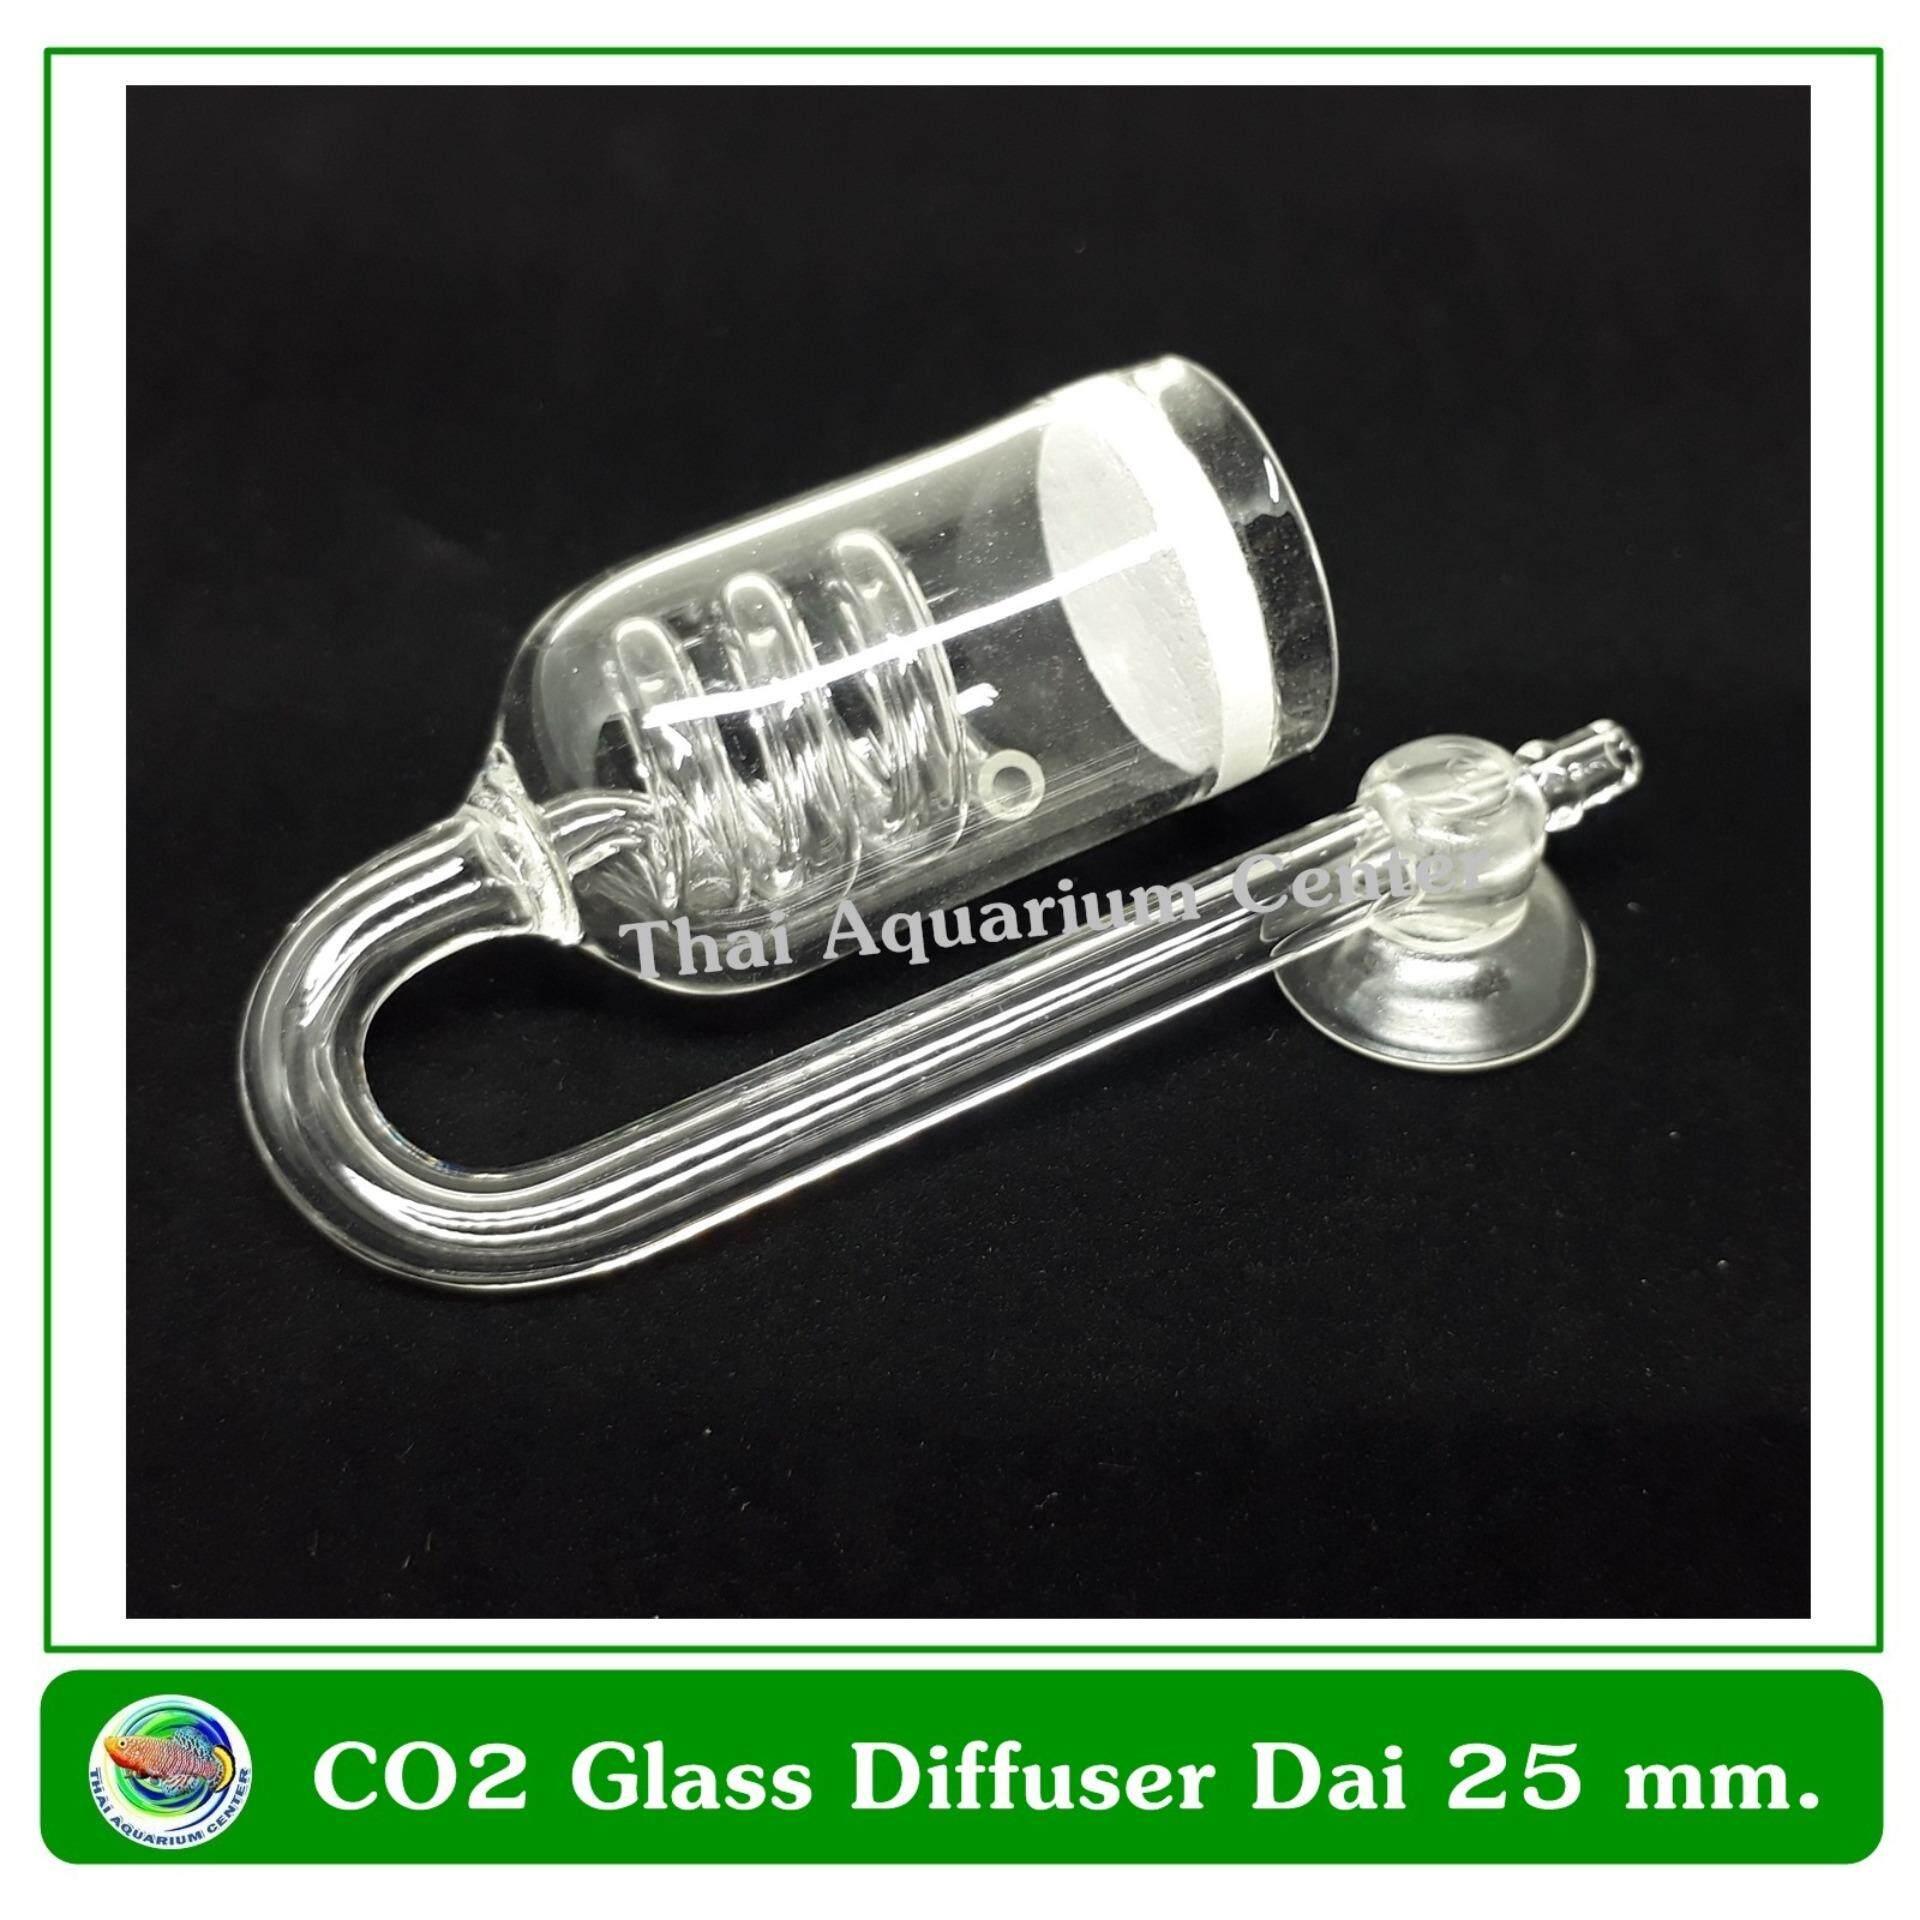 ความคิดเห็น Up Co2 Glass Diffuser D 522 3 ตัวช่วยกระจาย Co2